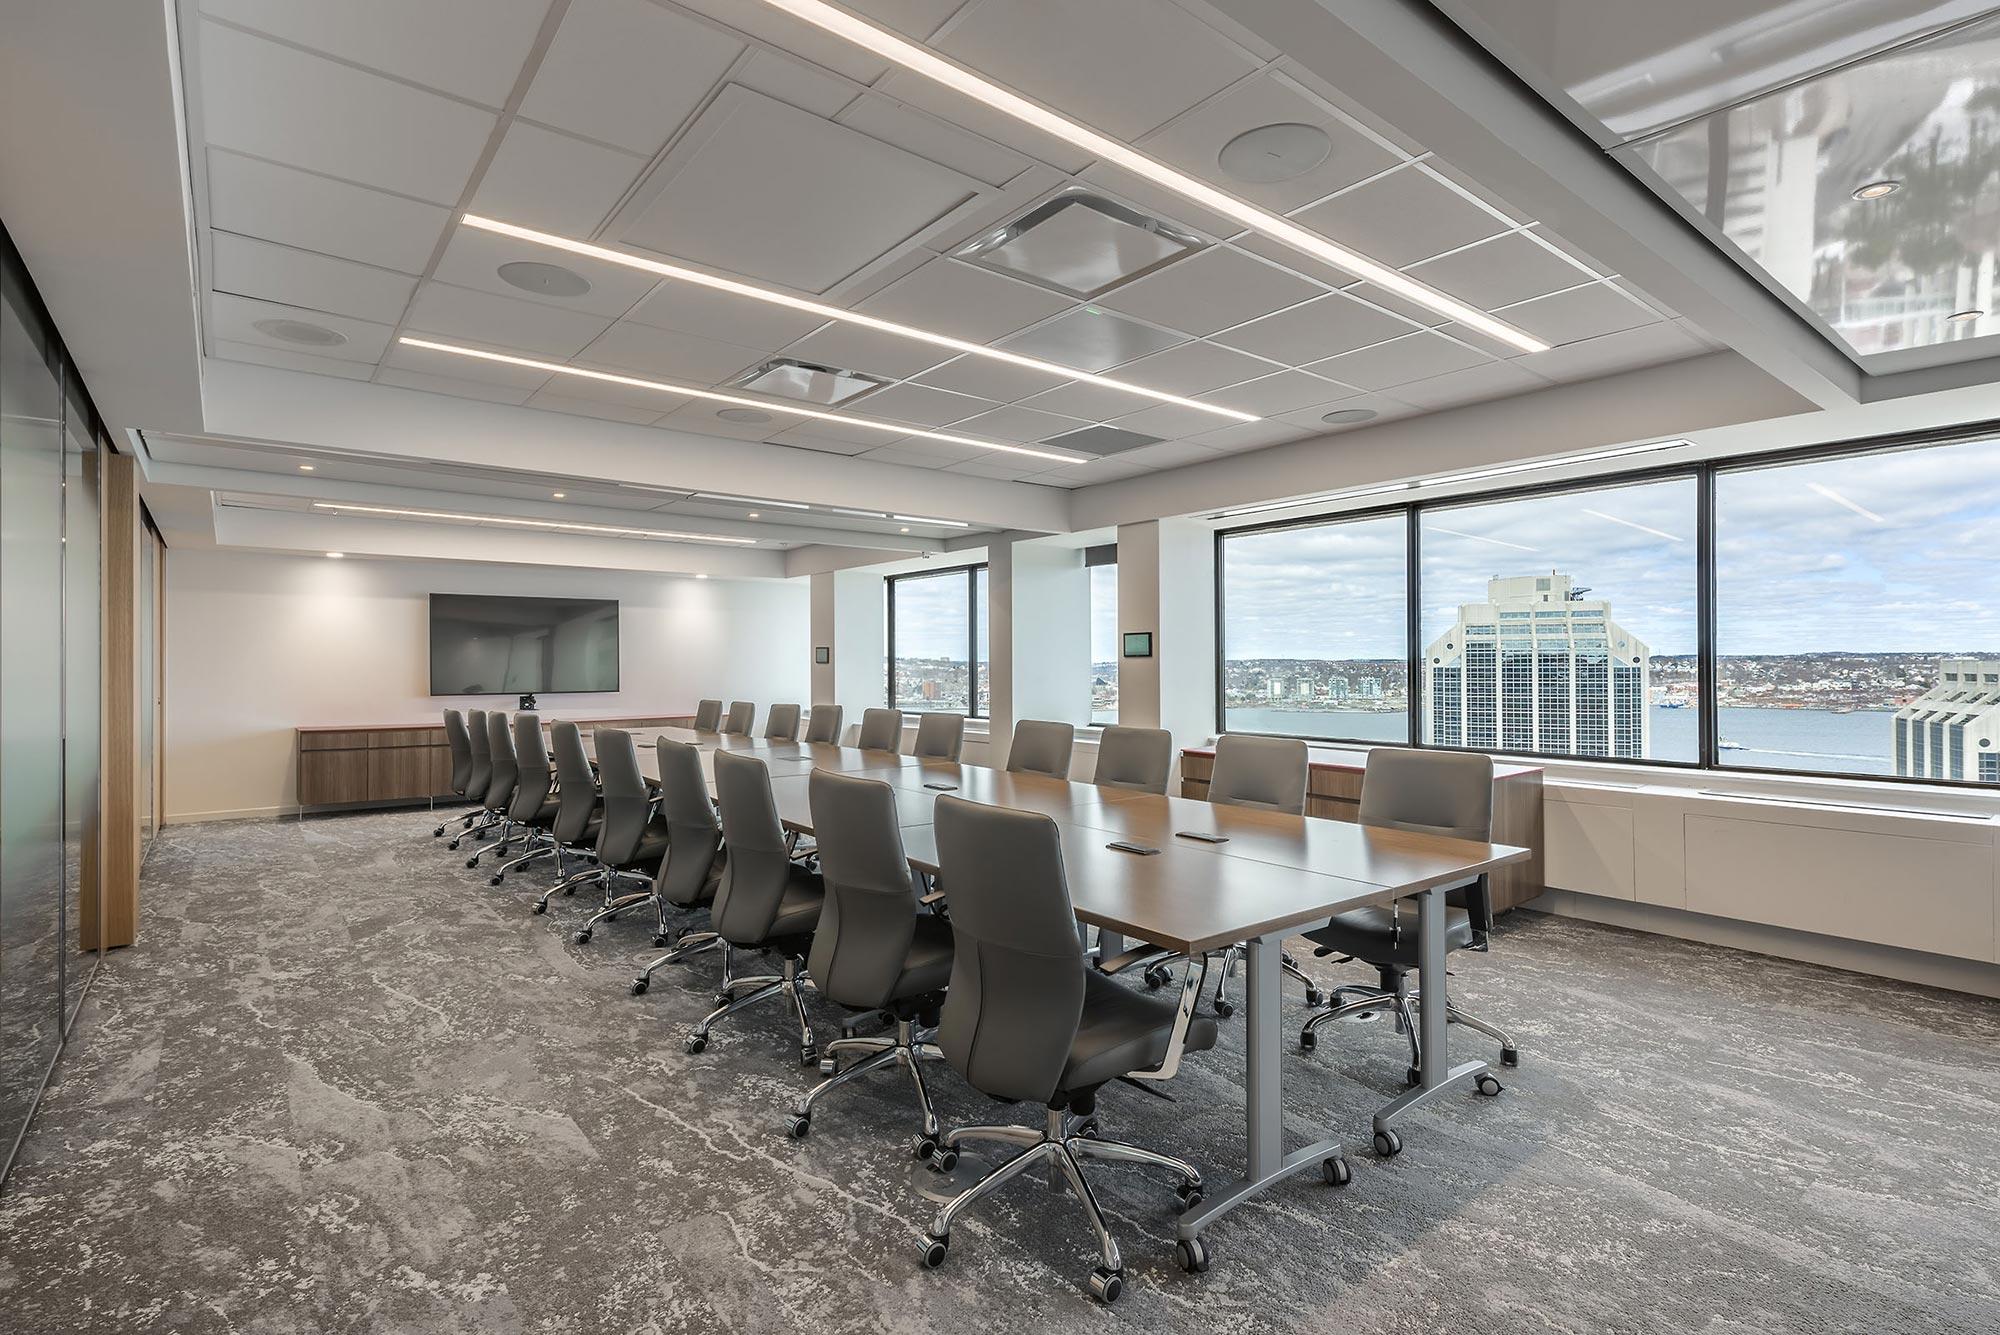 interior-design-financial-services-boardroom-halifax-view.jpg